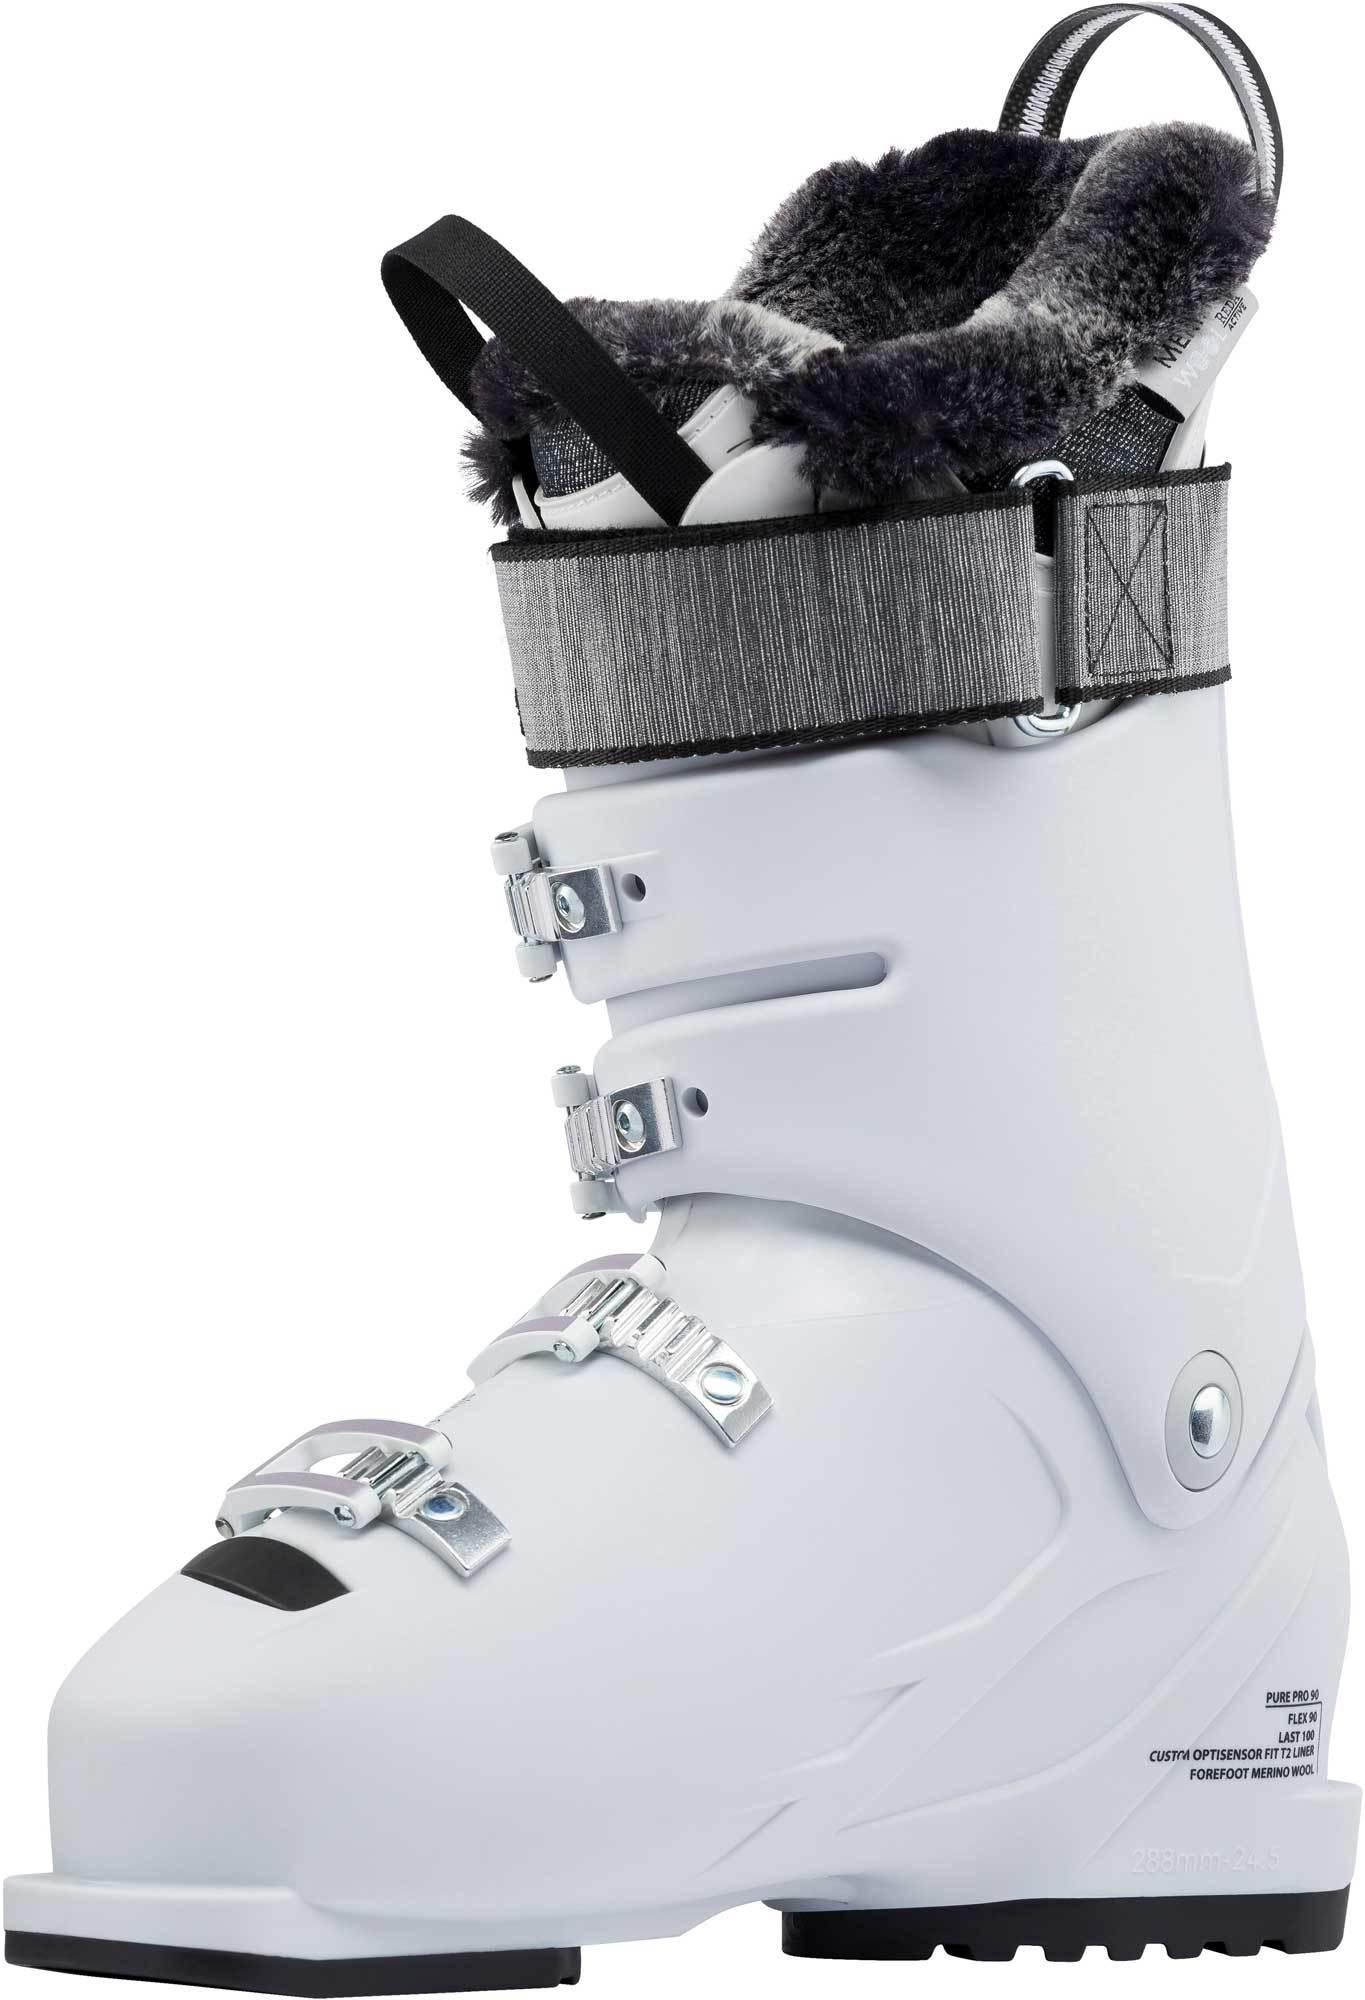 Dámské sjezdové boty Rossignol Pure Pro 90 white grey - Ski a Bike ... 0e253dc1e2c